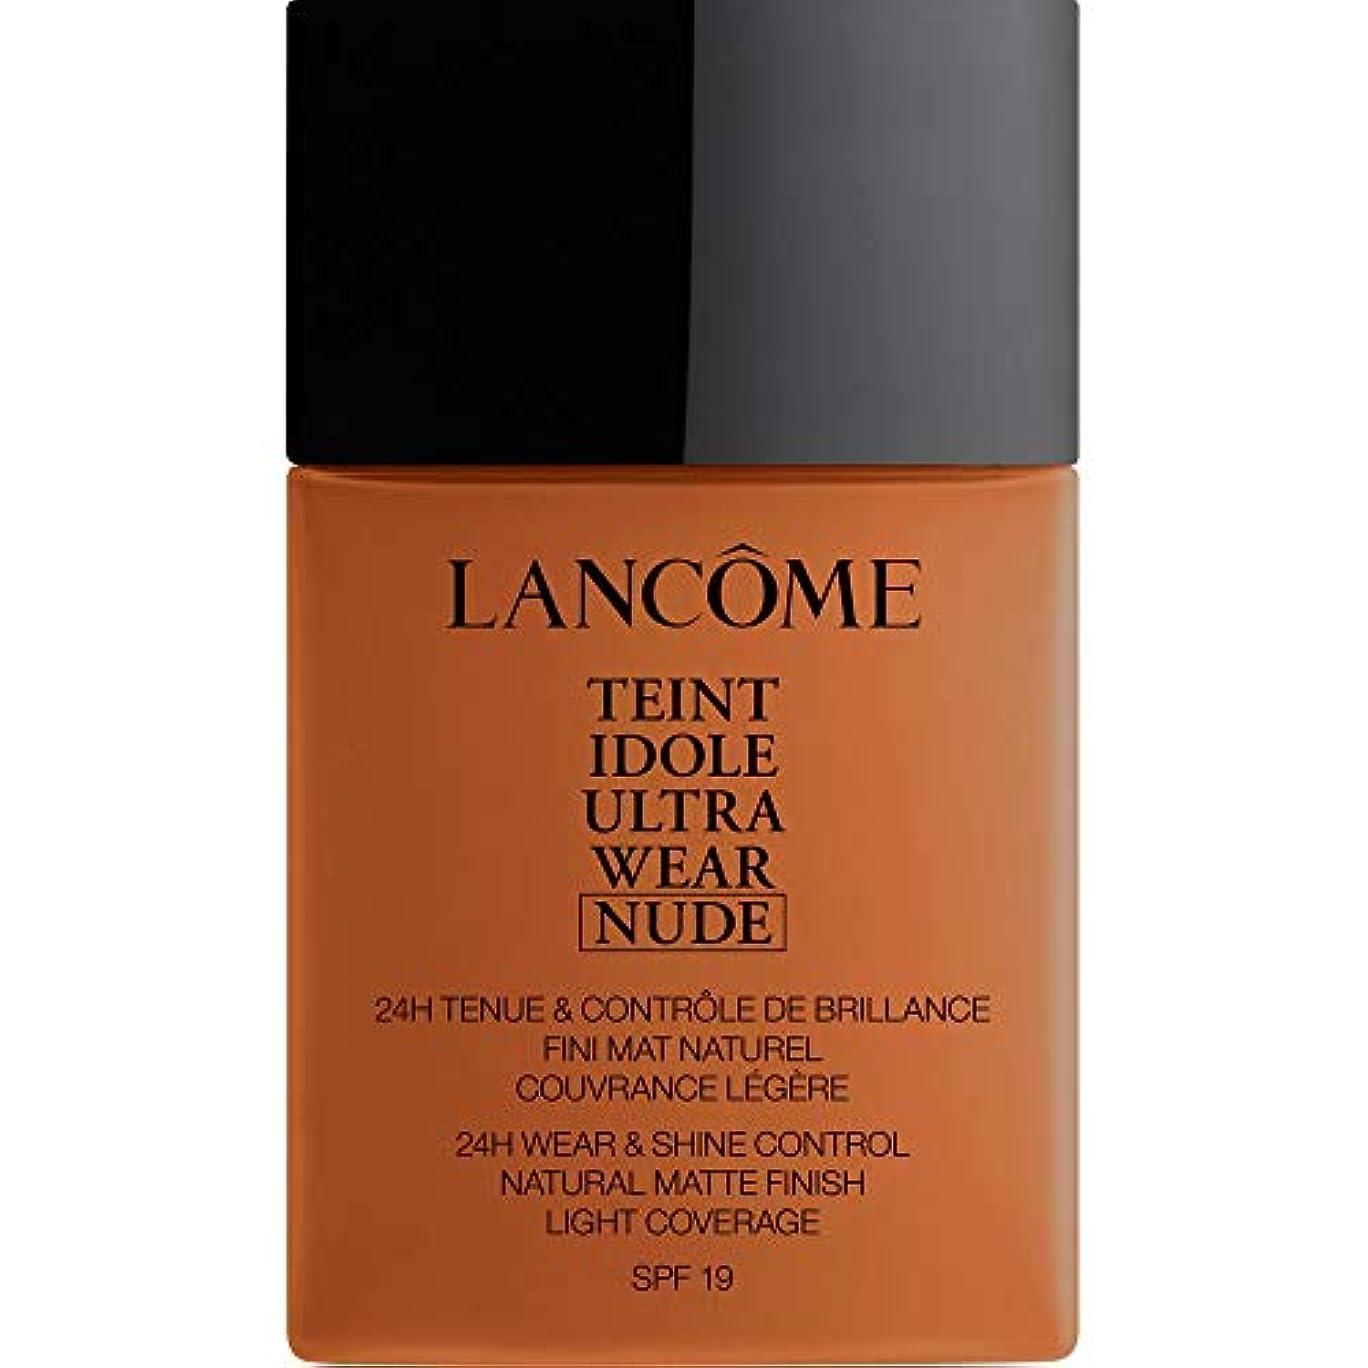 敵意忠実偏心[Lanc?me ] アンブレ - ランコムTeintのIdoleは、超ヌード基礎Spf19の40ミリリットル12を着用します - Lancome Teint Idole Ultra Wear Nude Foundation...